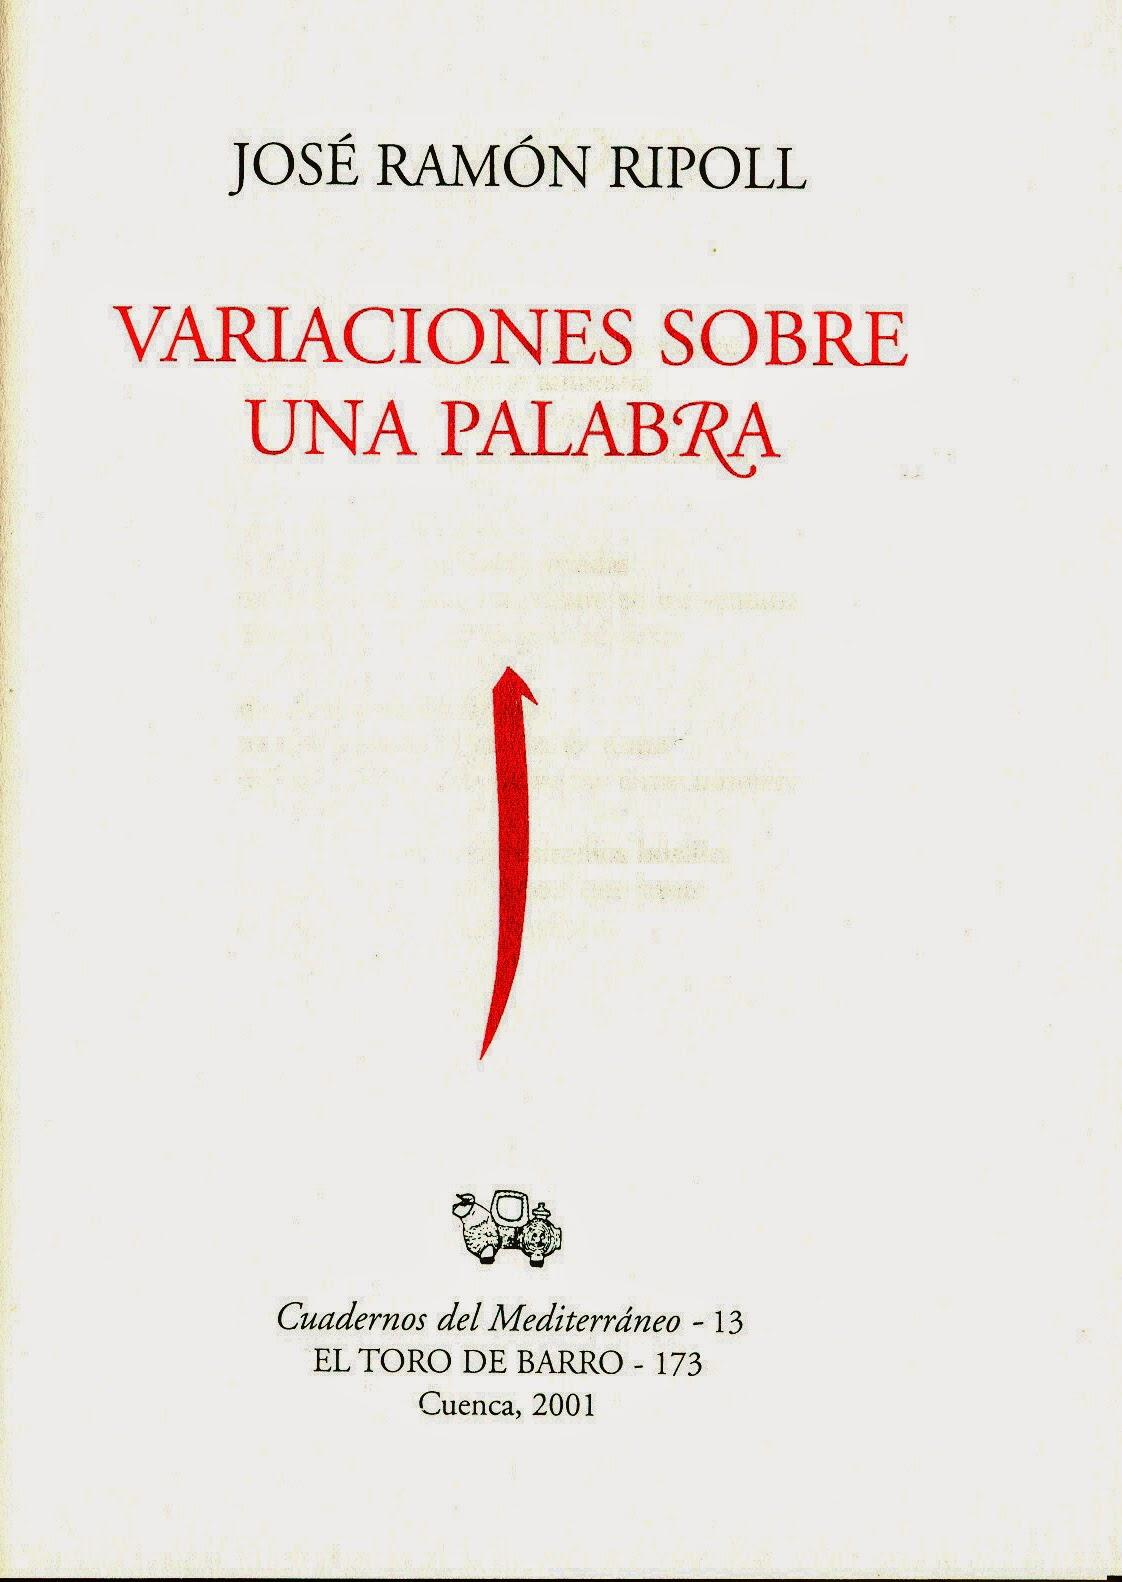 """José Ramón Ripoll, """"Variaciones sobre una palabra"""". Col. Cuadernos del Mediterráneo. Ed. El Toro de Barro, Tarancón de Cuenca 2001. edicioneseltorodebarro@yahoo.es"""